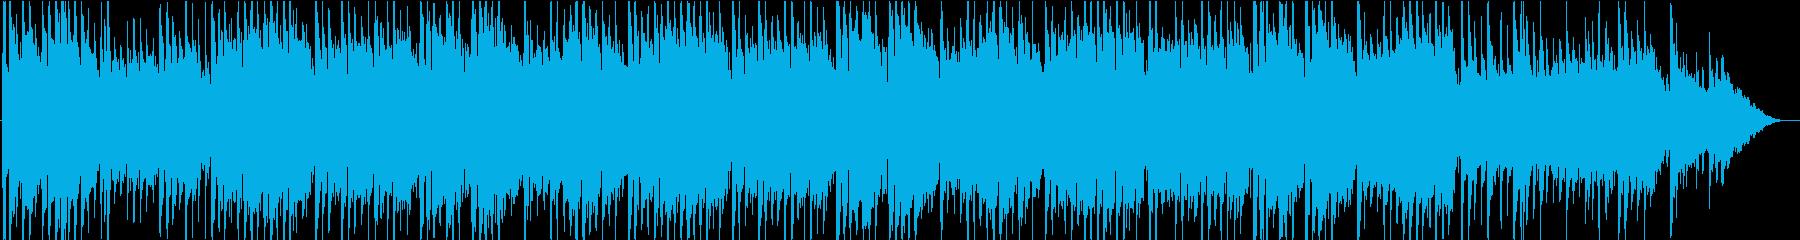 童謡「ひなまつり」の和楽器のバンド演奏の再生済みの波形